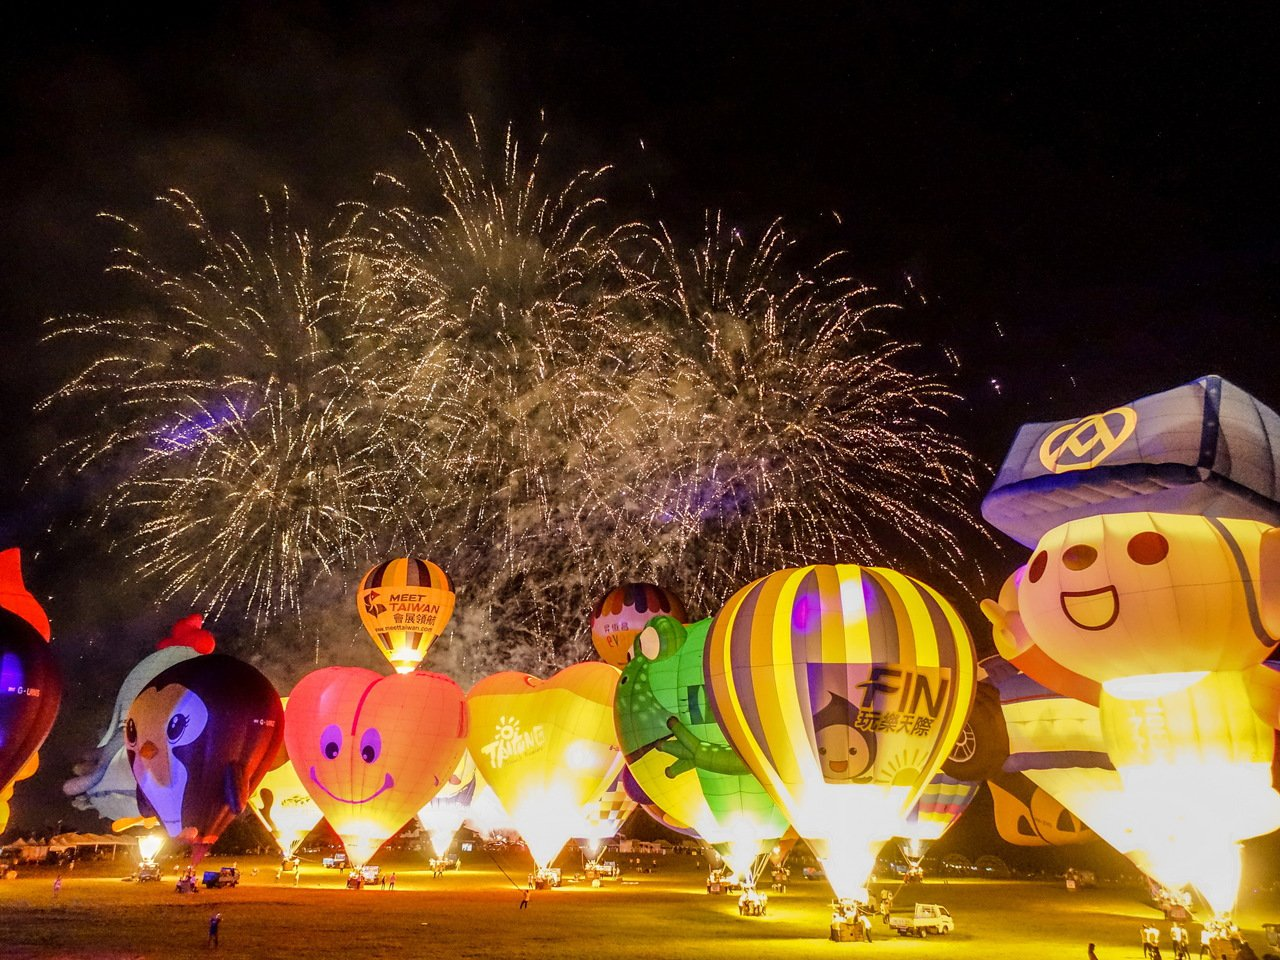 因應武漢肺炎疫情,今年台東國際熱氣球嘉年華活動,將延期至7月11日至8月30日舉...